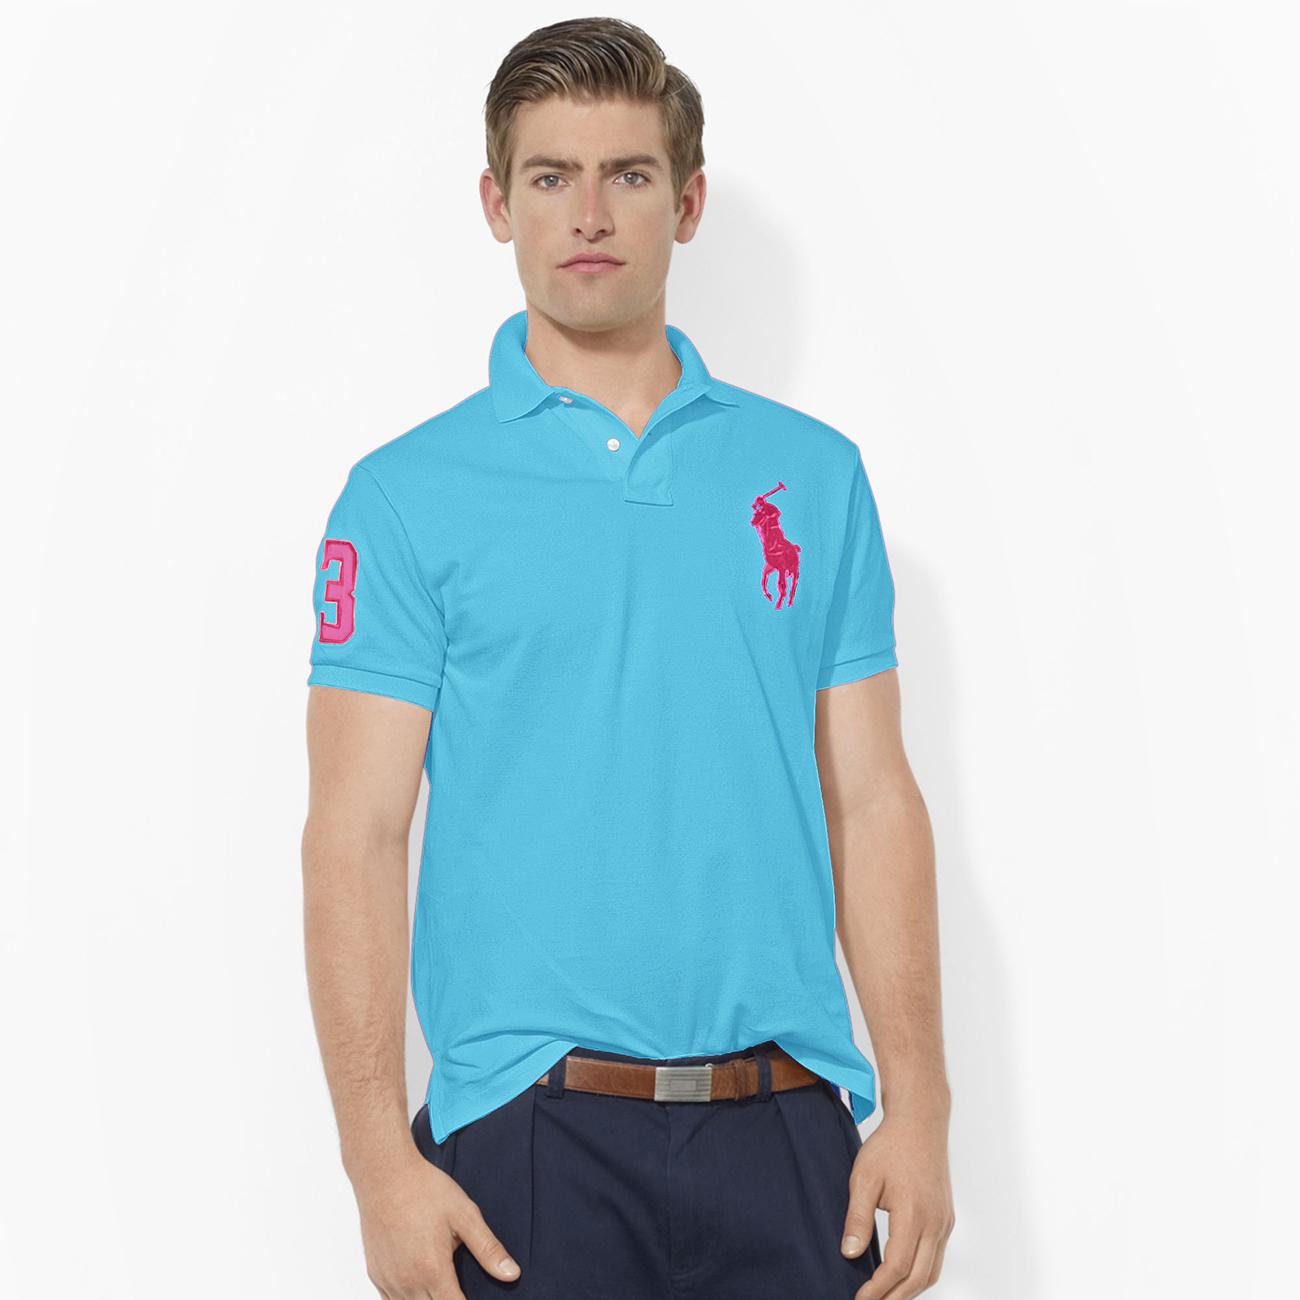 美國百分百【Ralph Lauren】Polo 衫 RL 短袖 網眼 大馬 素面 水藍 男 S XS號 B003